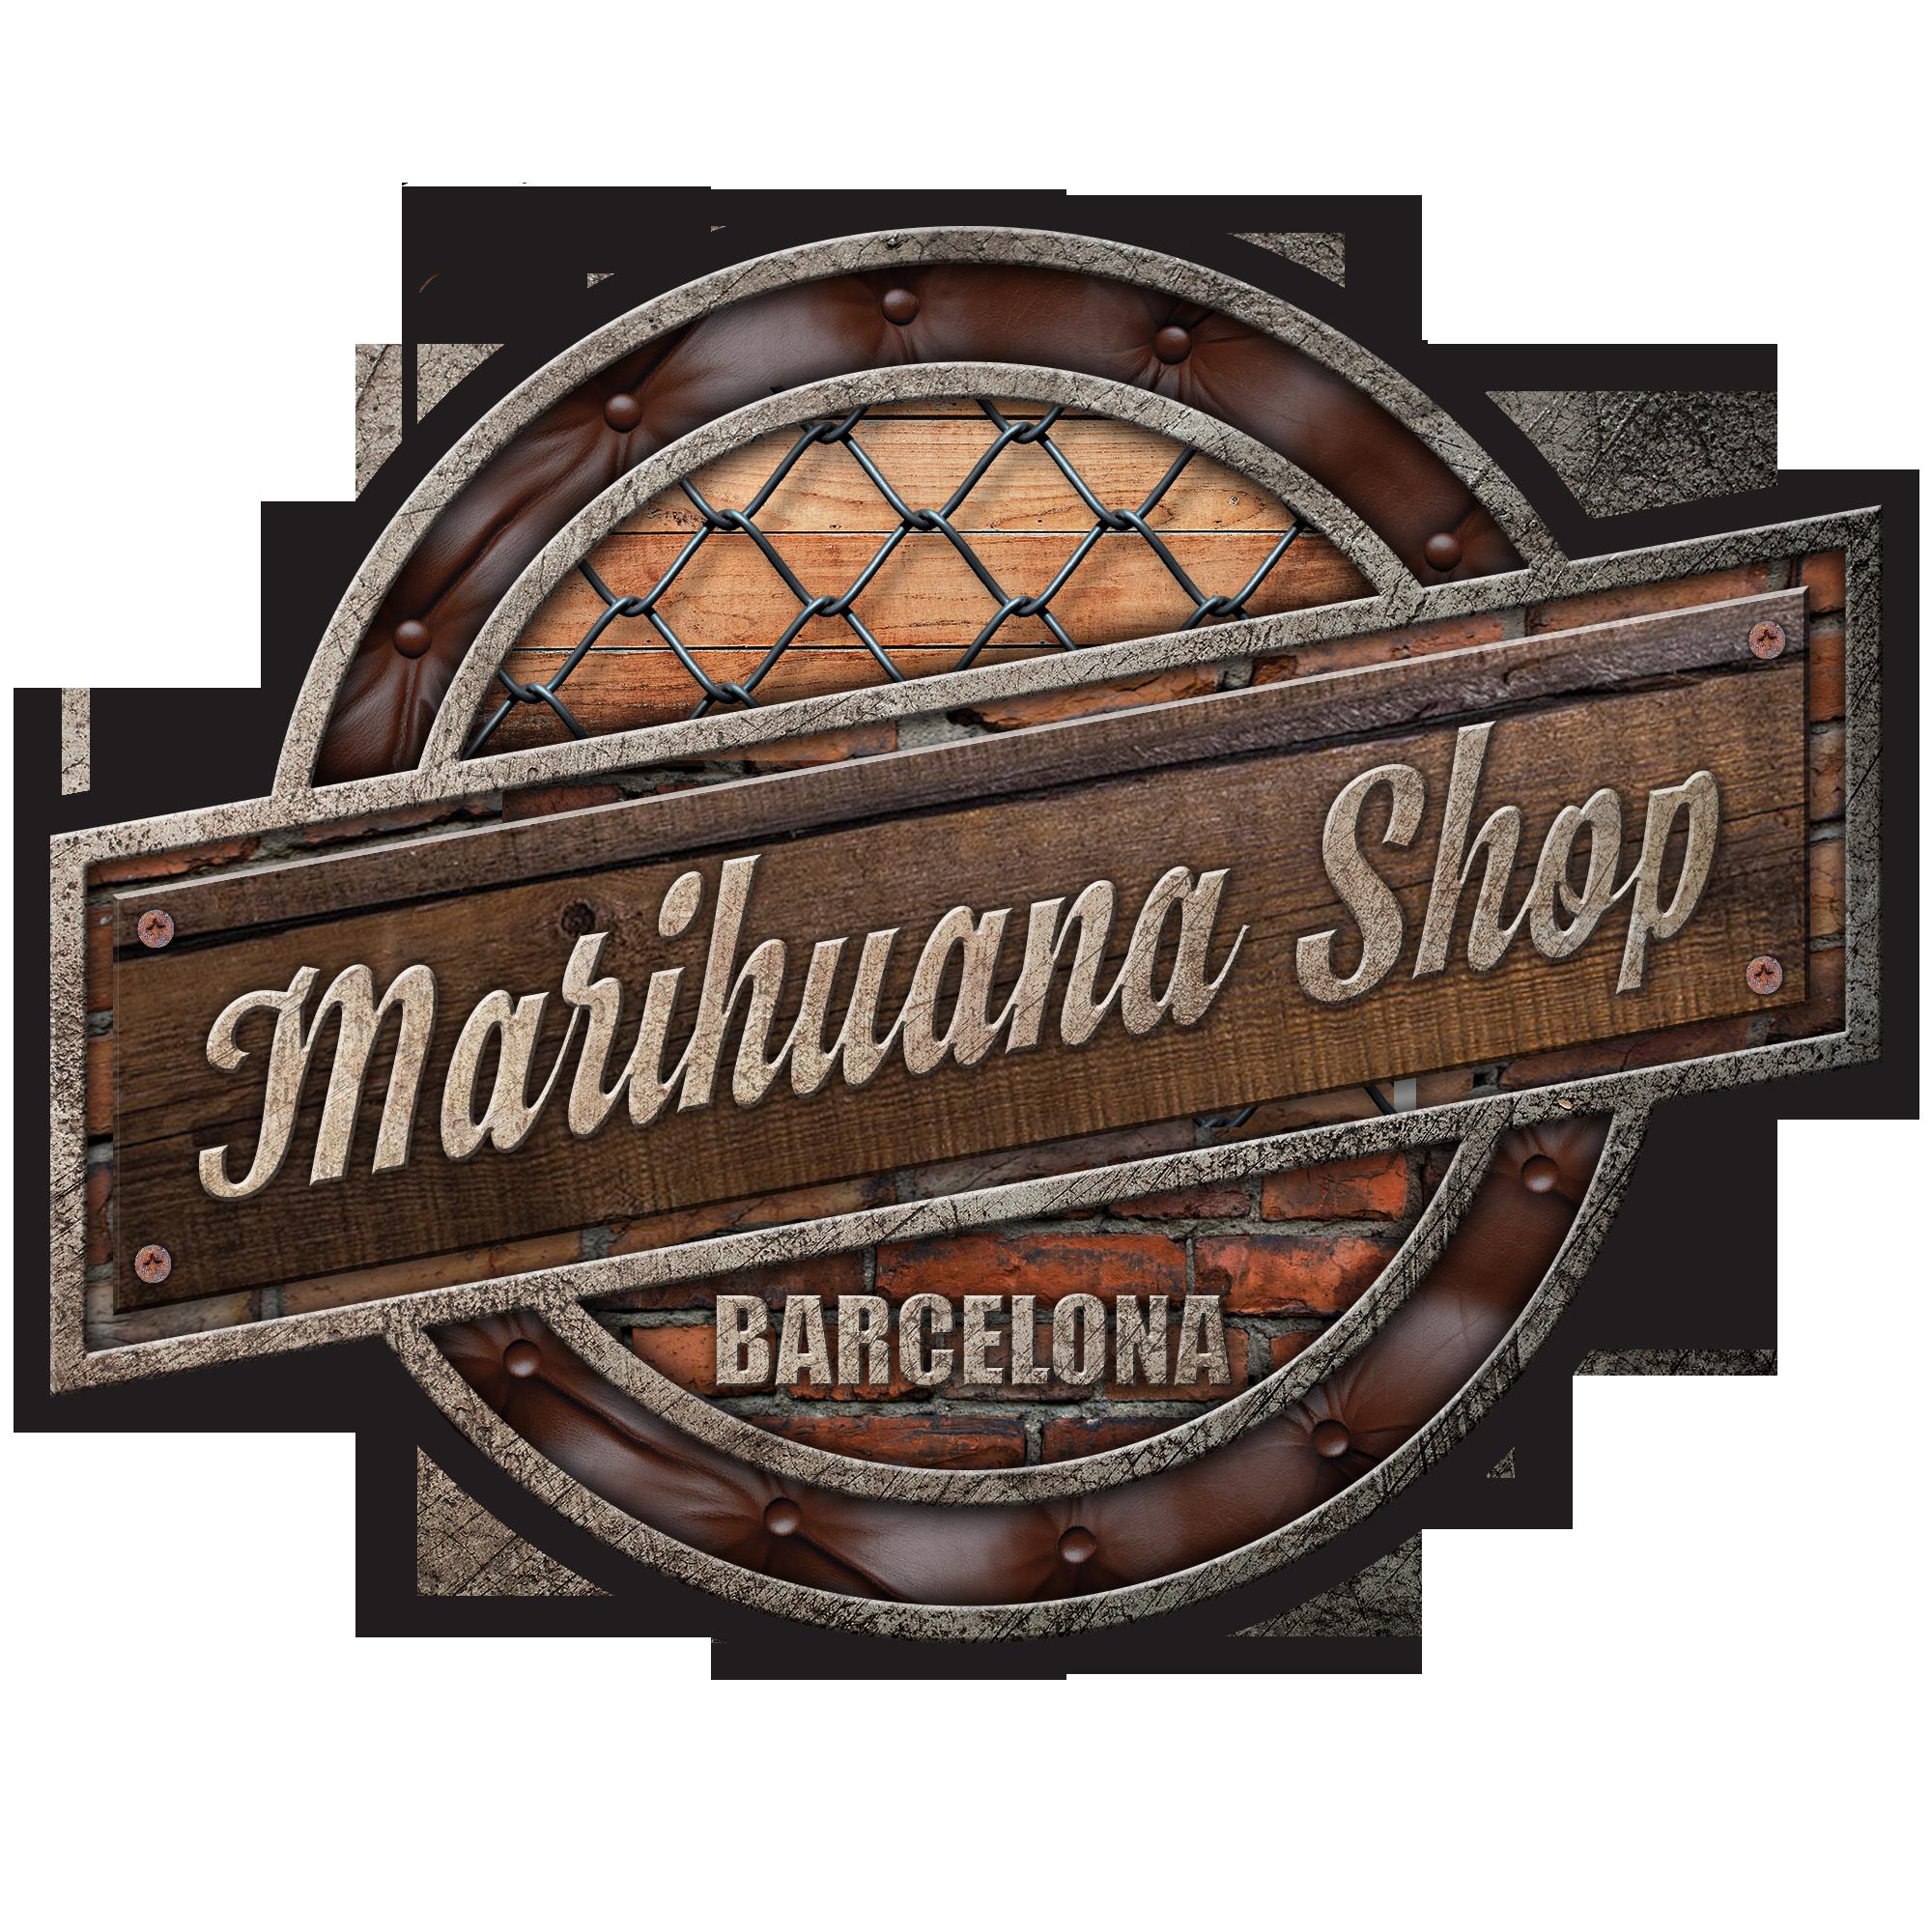 The Marihuana Shop Logo